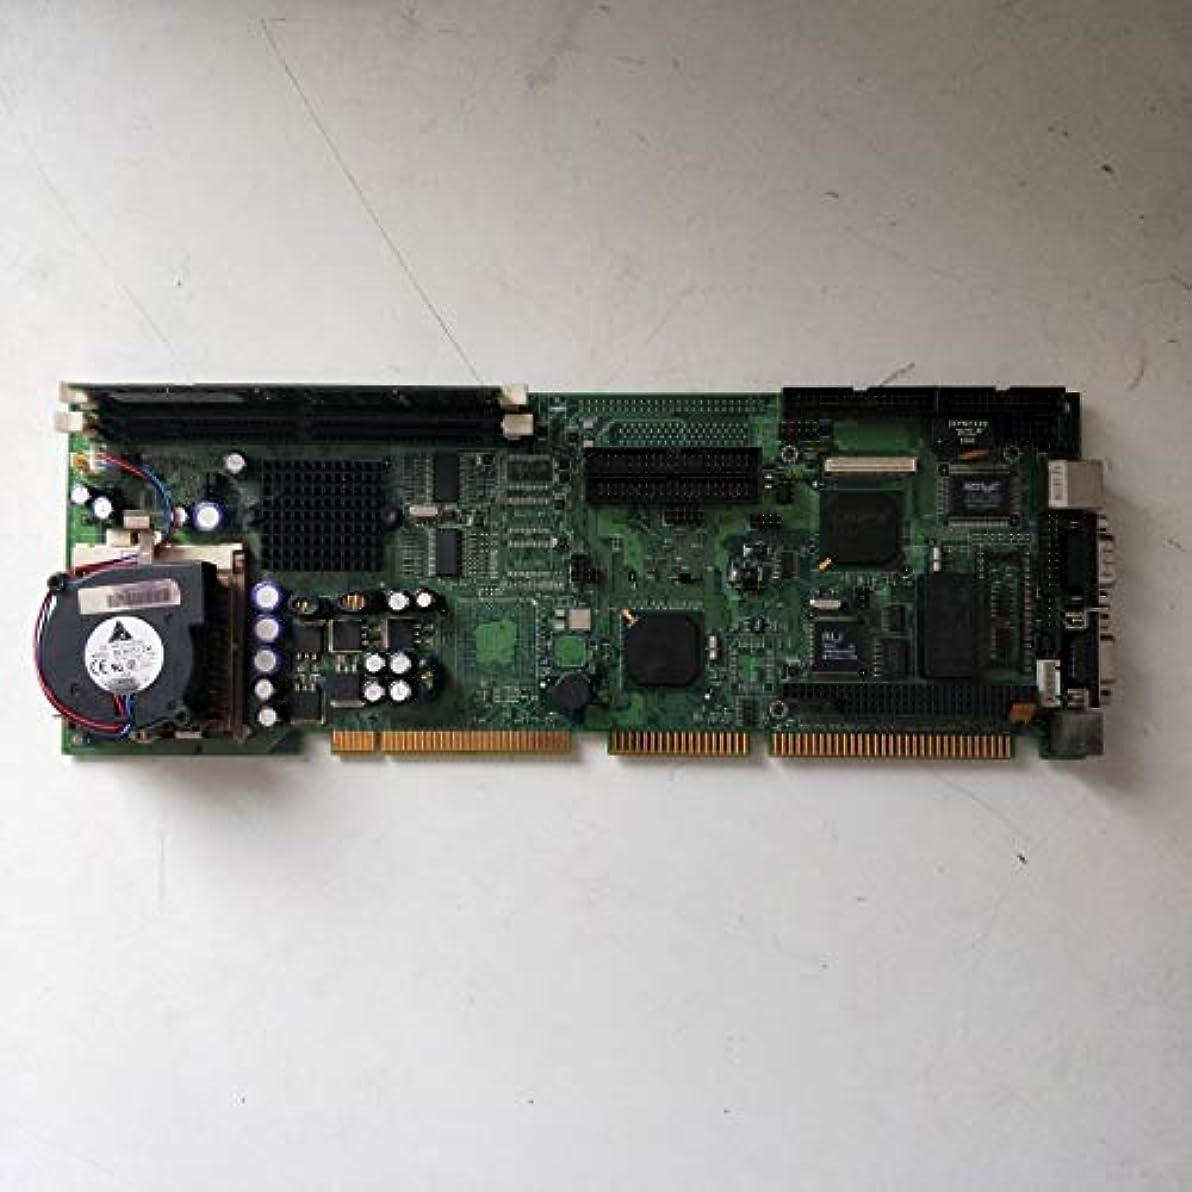 銛不変まとめるP-III SBC Ver:G4 PC-620G4P 620-G4D